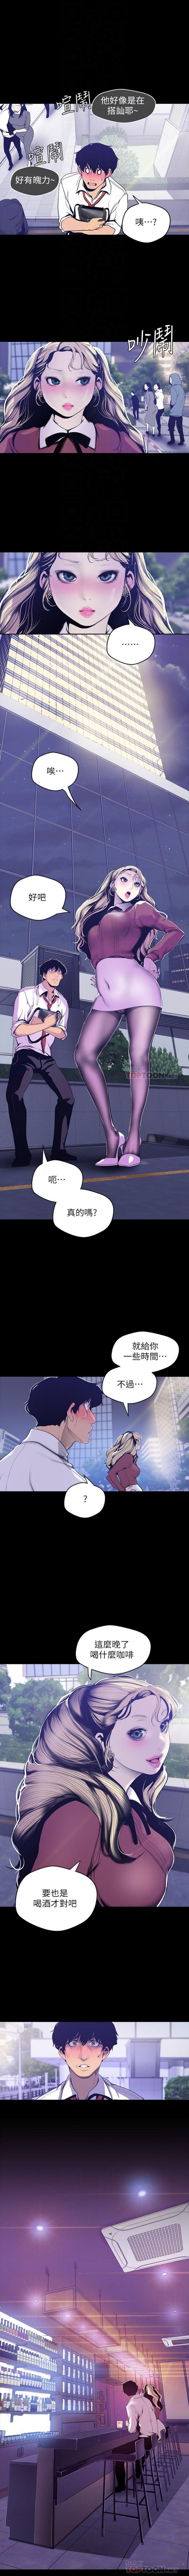 (週1)美麗新世界 1-76 中文翻譯 (更新中) 513